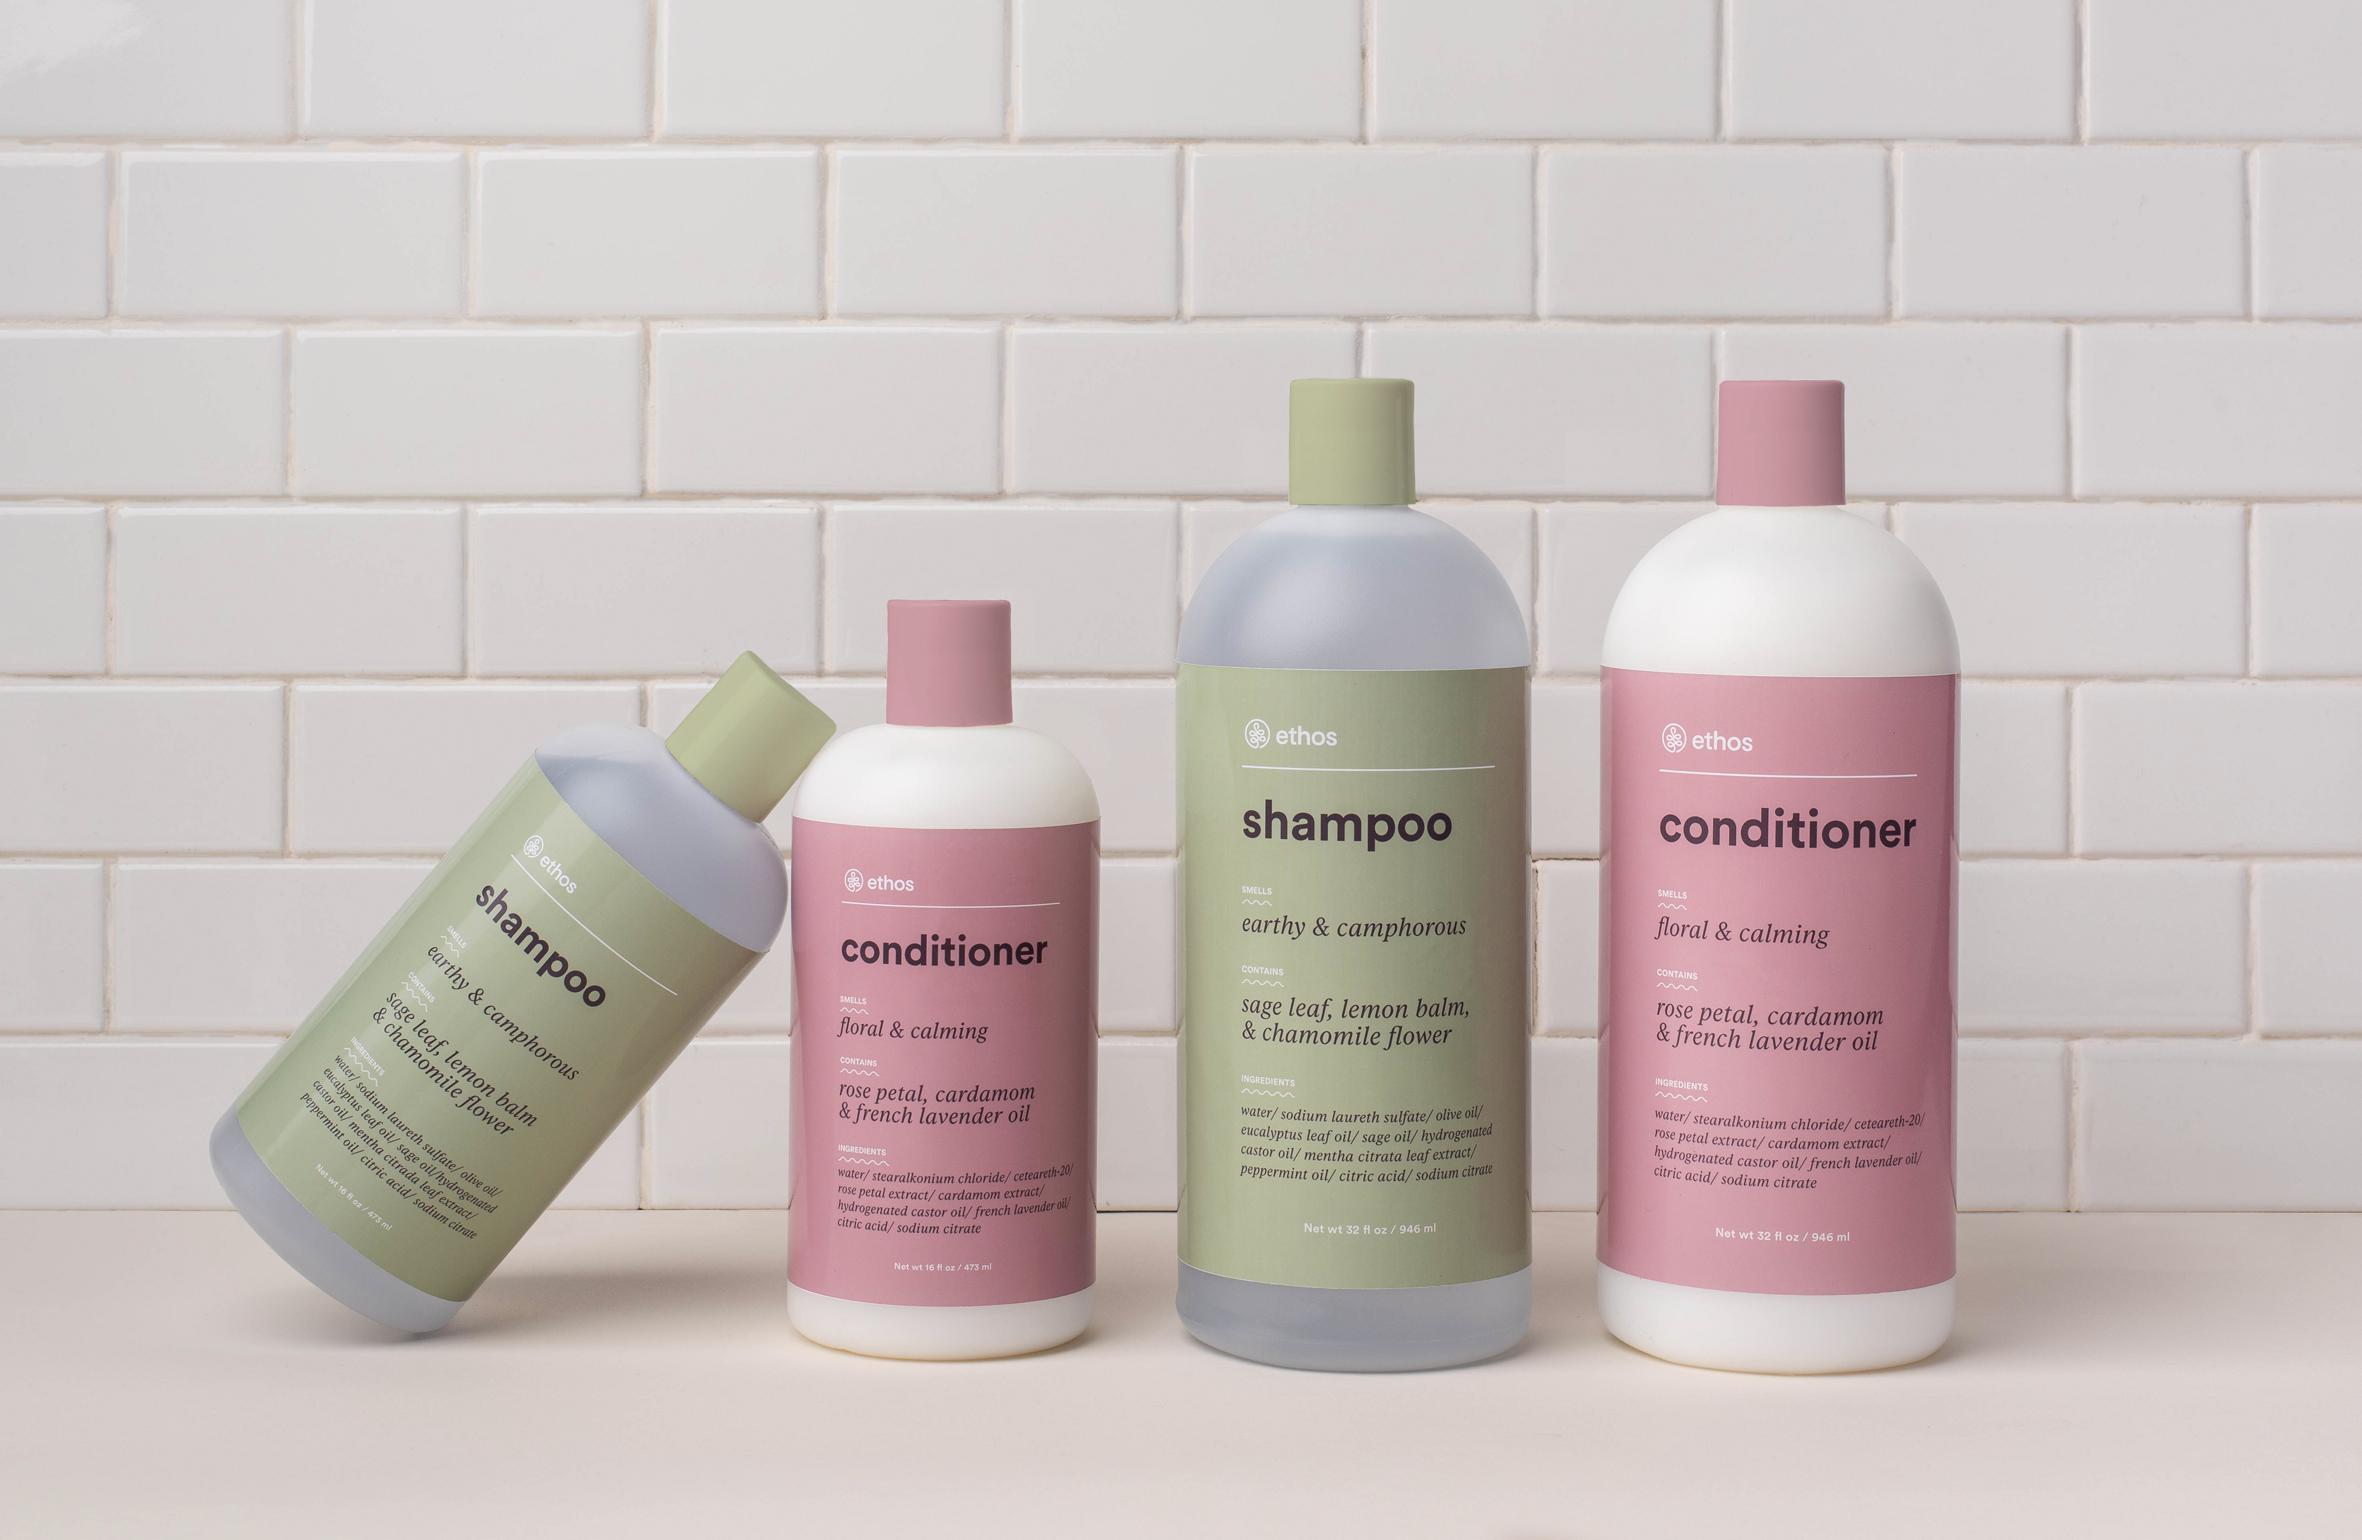 ethos_shampoo_web.jpg